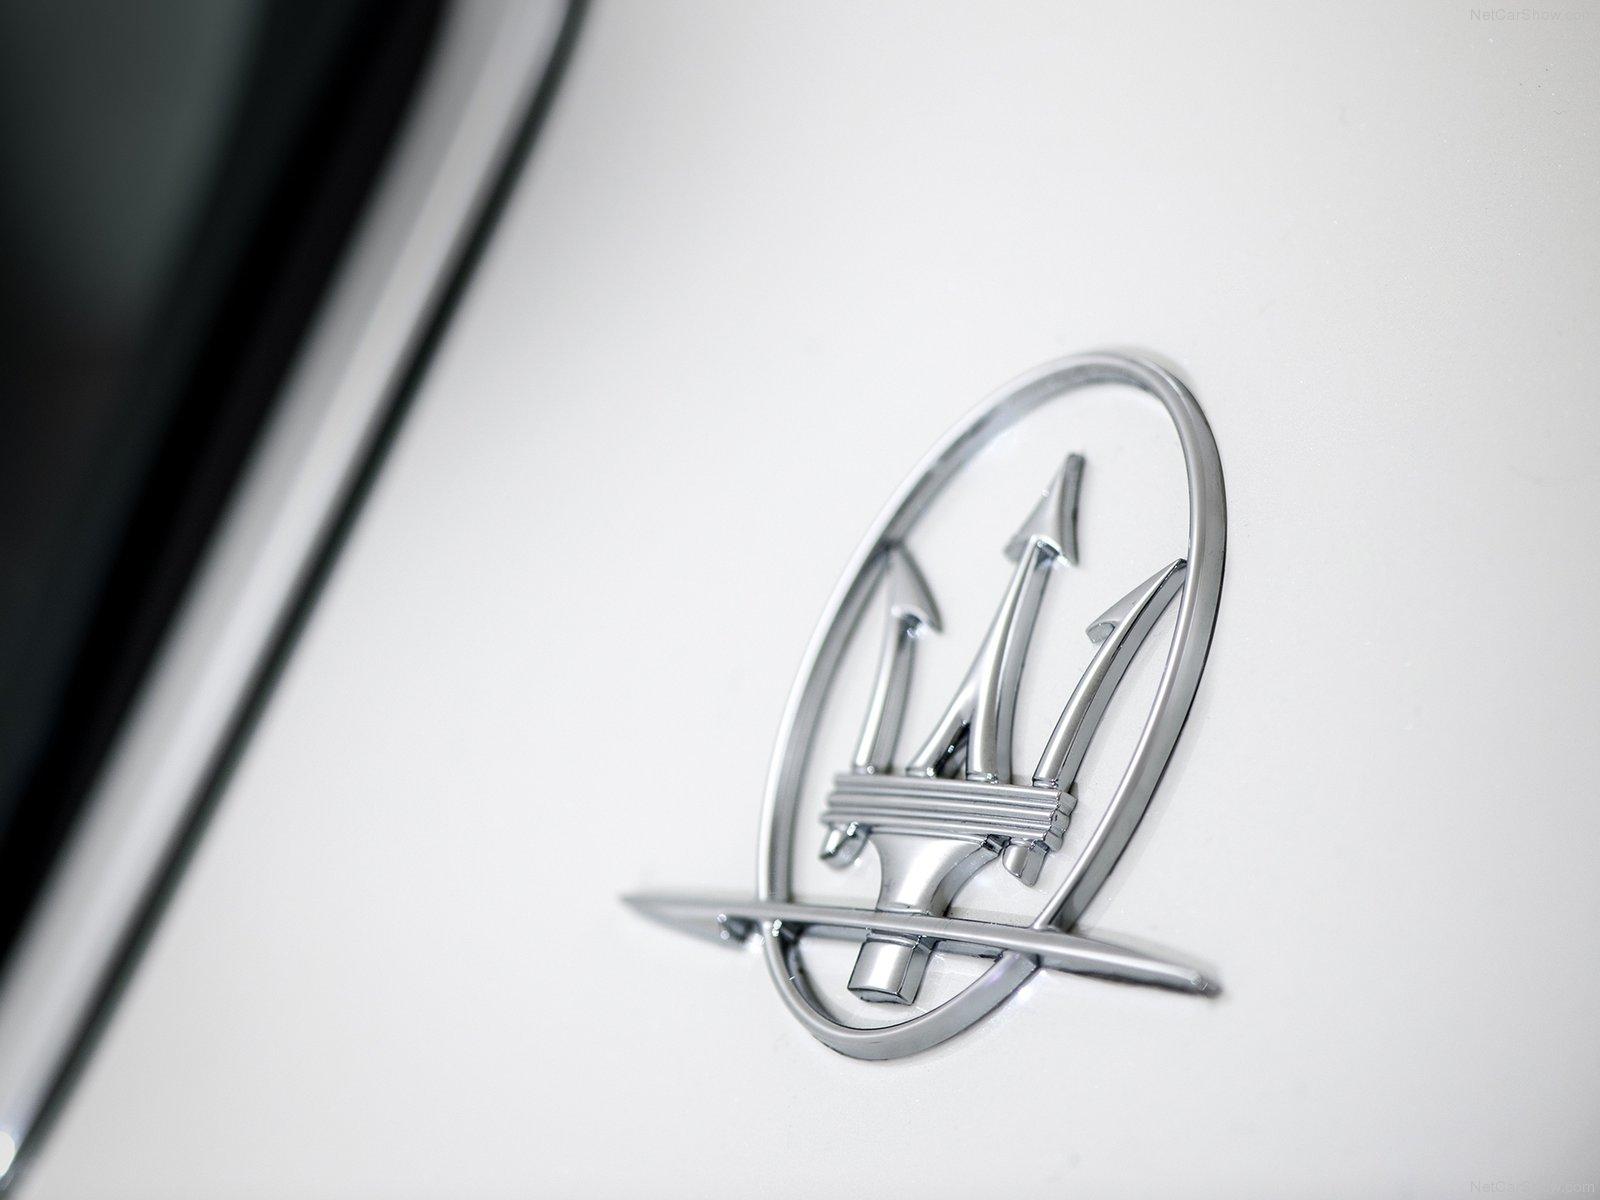 Hình ảnh siêu xe Maserati Ghibli 2014 & nội ngoại thất